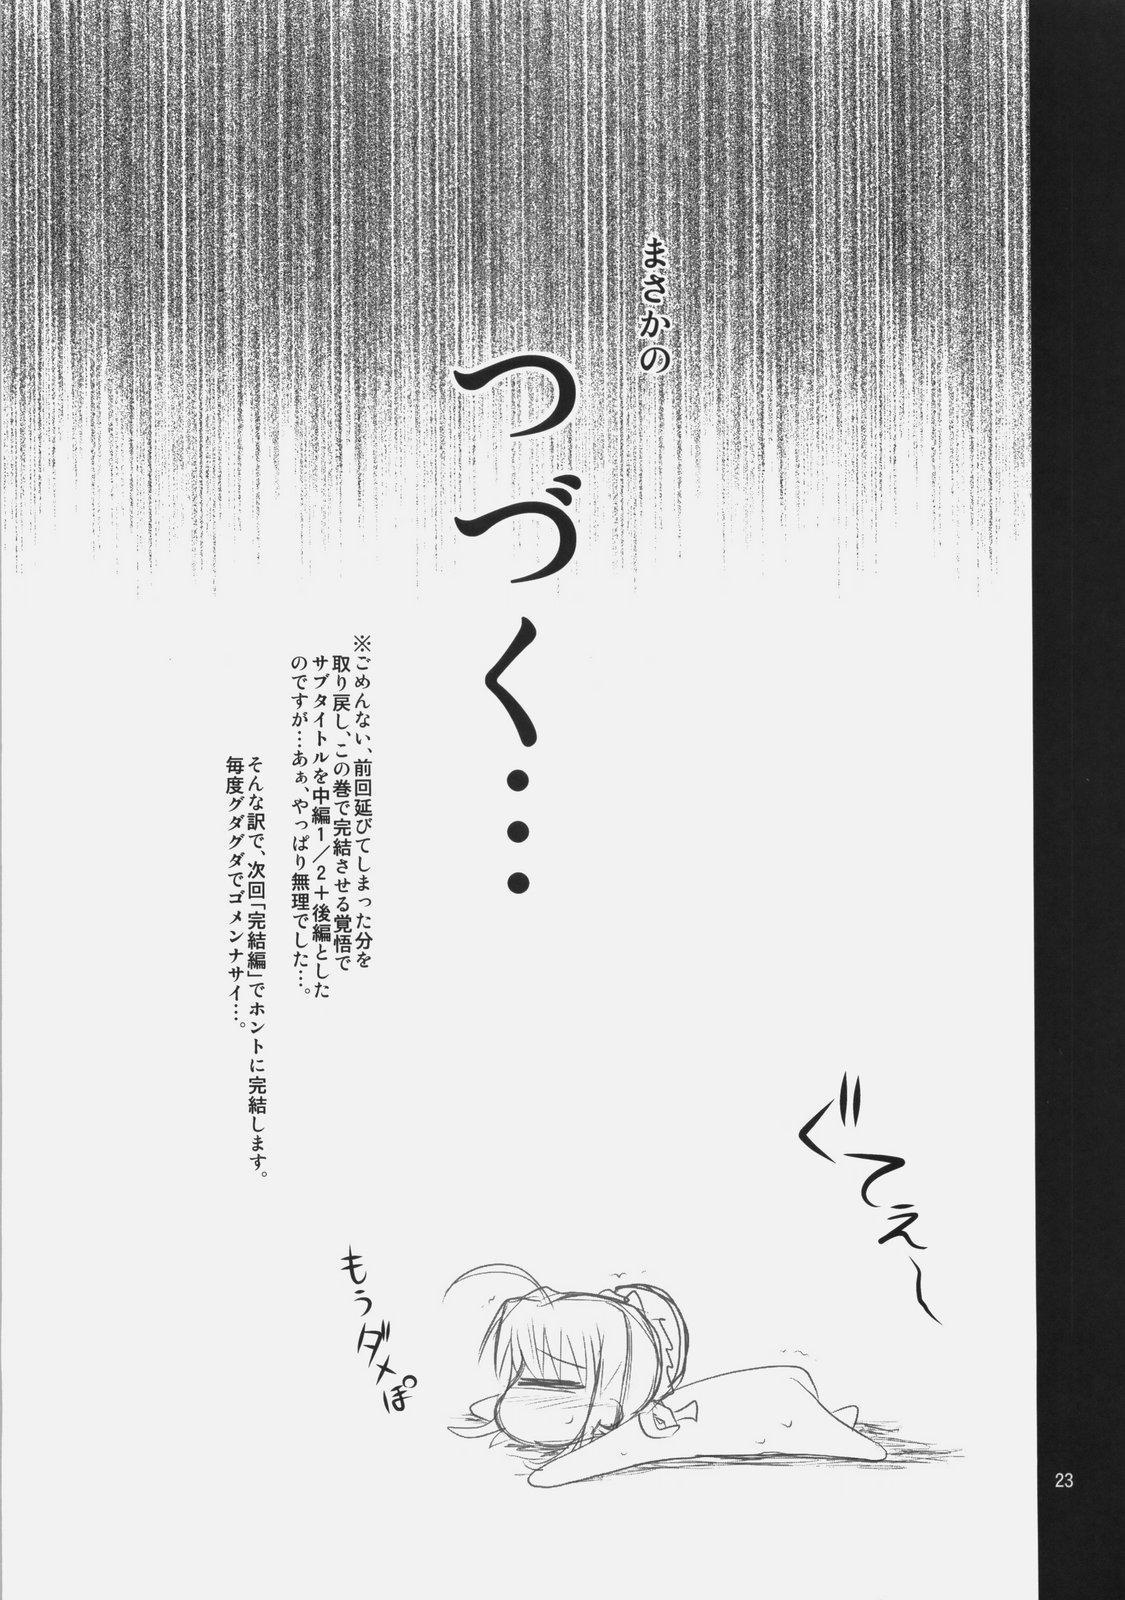 Fuun Sakura jou ~Chuu hen 2/2+Kou hen ~ 21